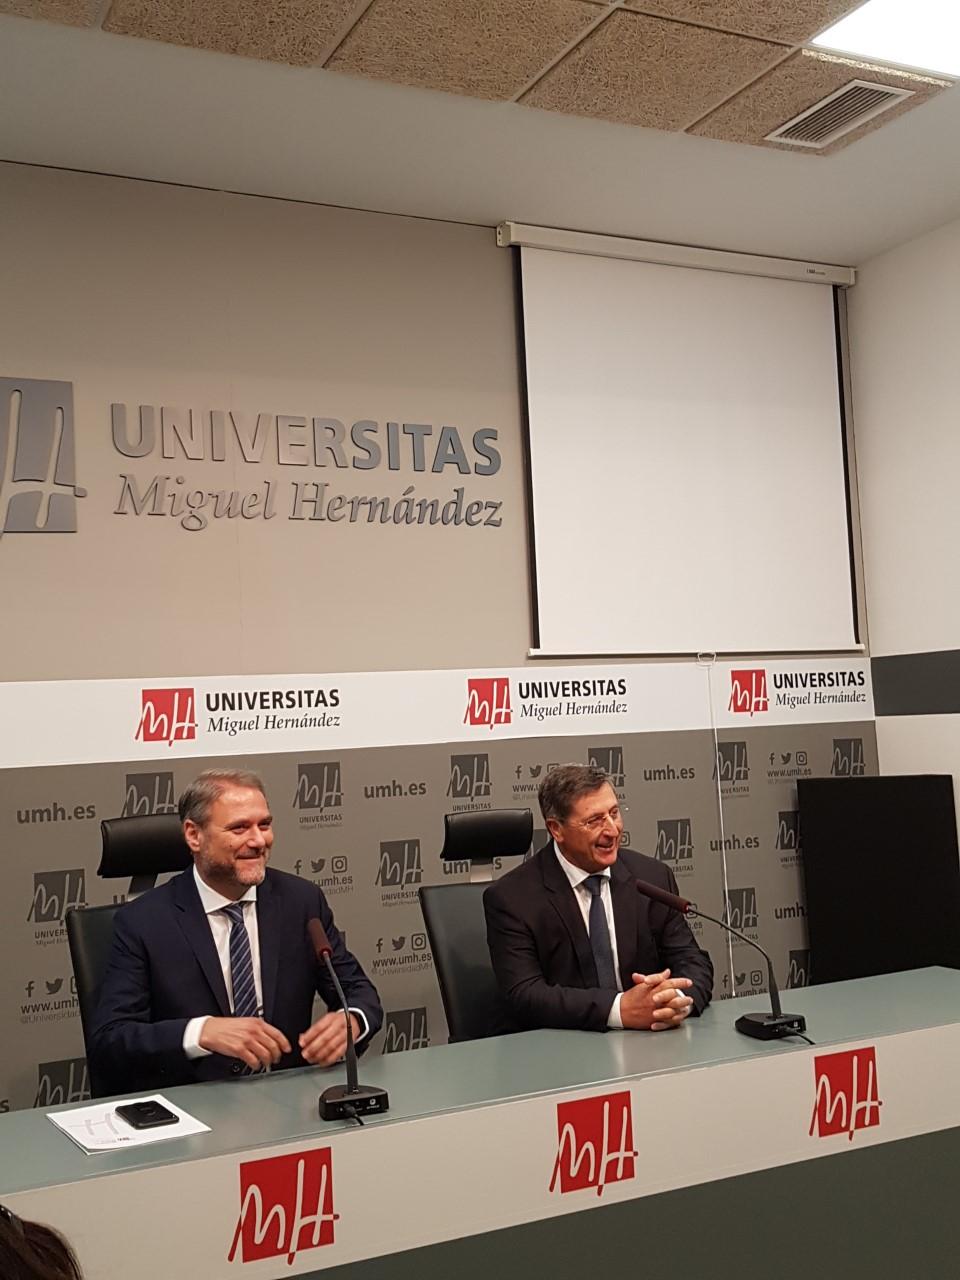 Juanjo Ruiz interviniendo en la rueda de prensa junto a Jesús Tadeo Pastor / Alex